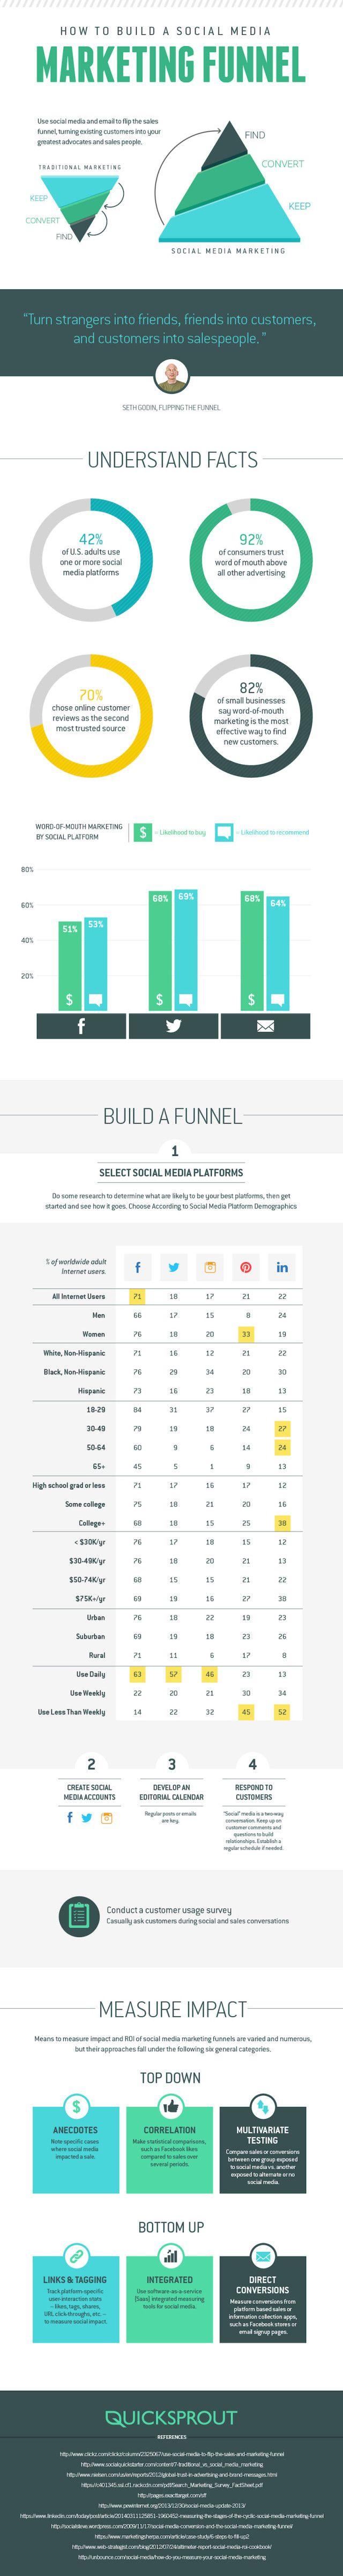 How to Build a Social Media Marketing Funnel: Aún creen que por acá no es el camino?